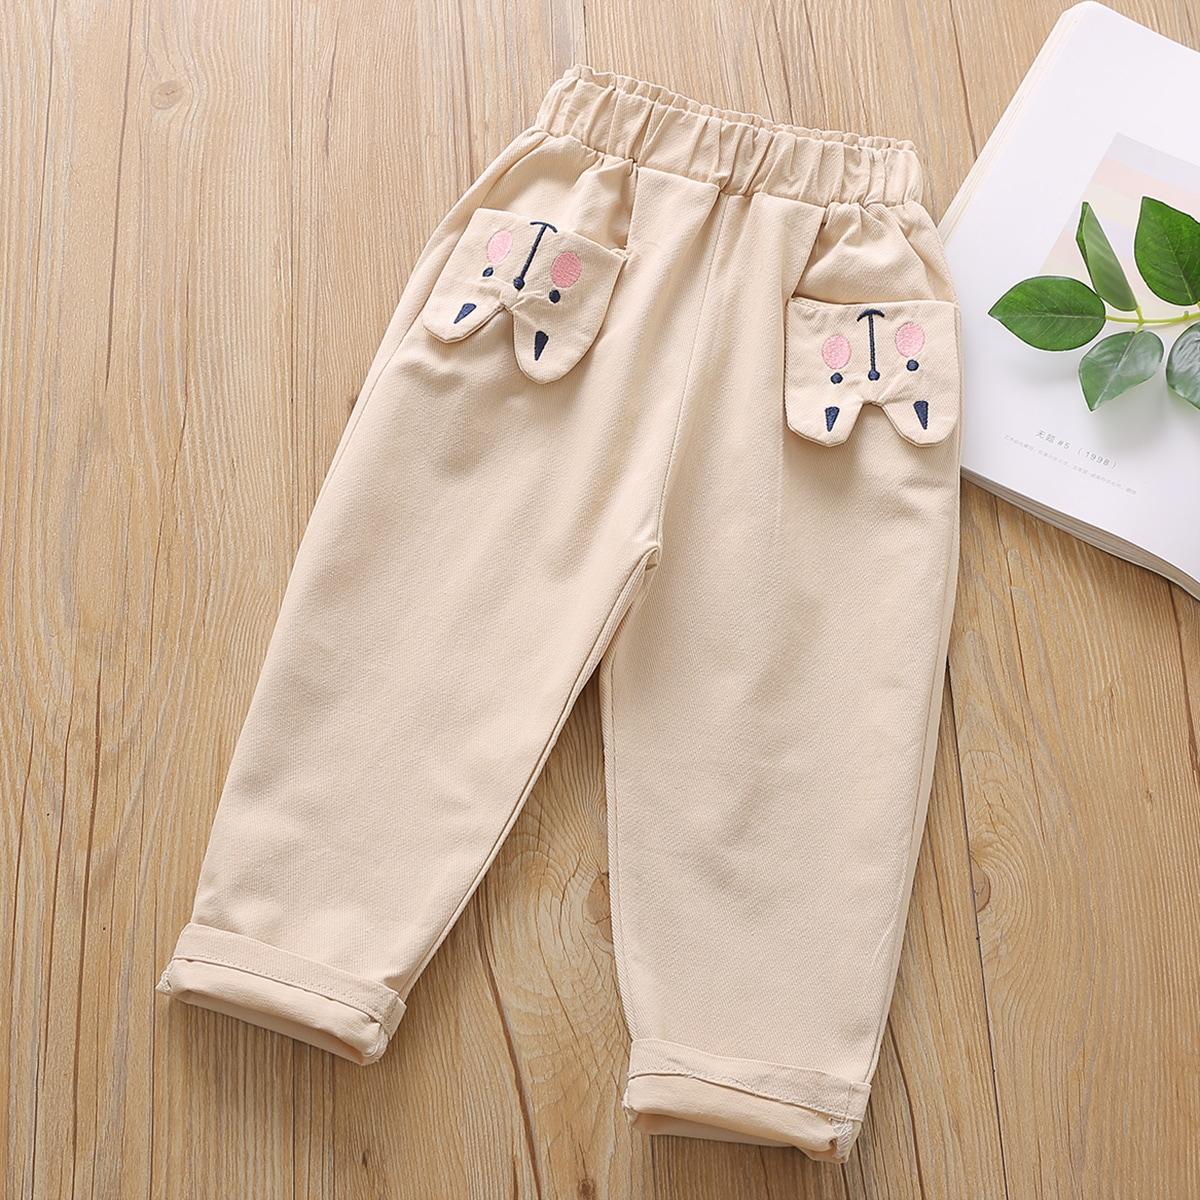 С вышивкой мультяшный принт повседневный брюки для маленьких девочек